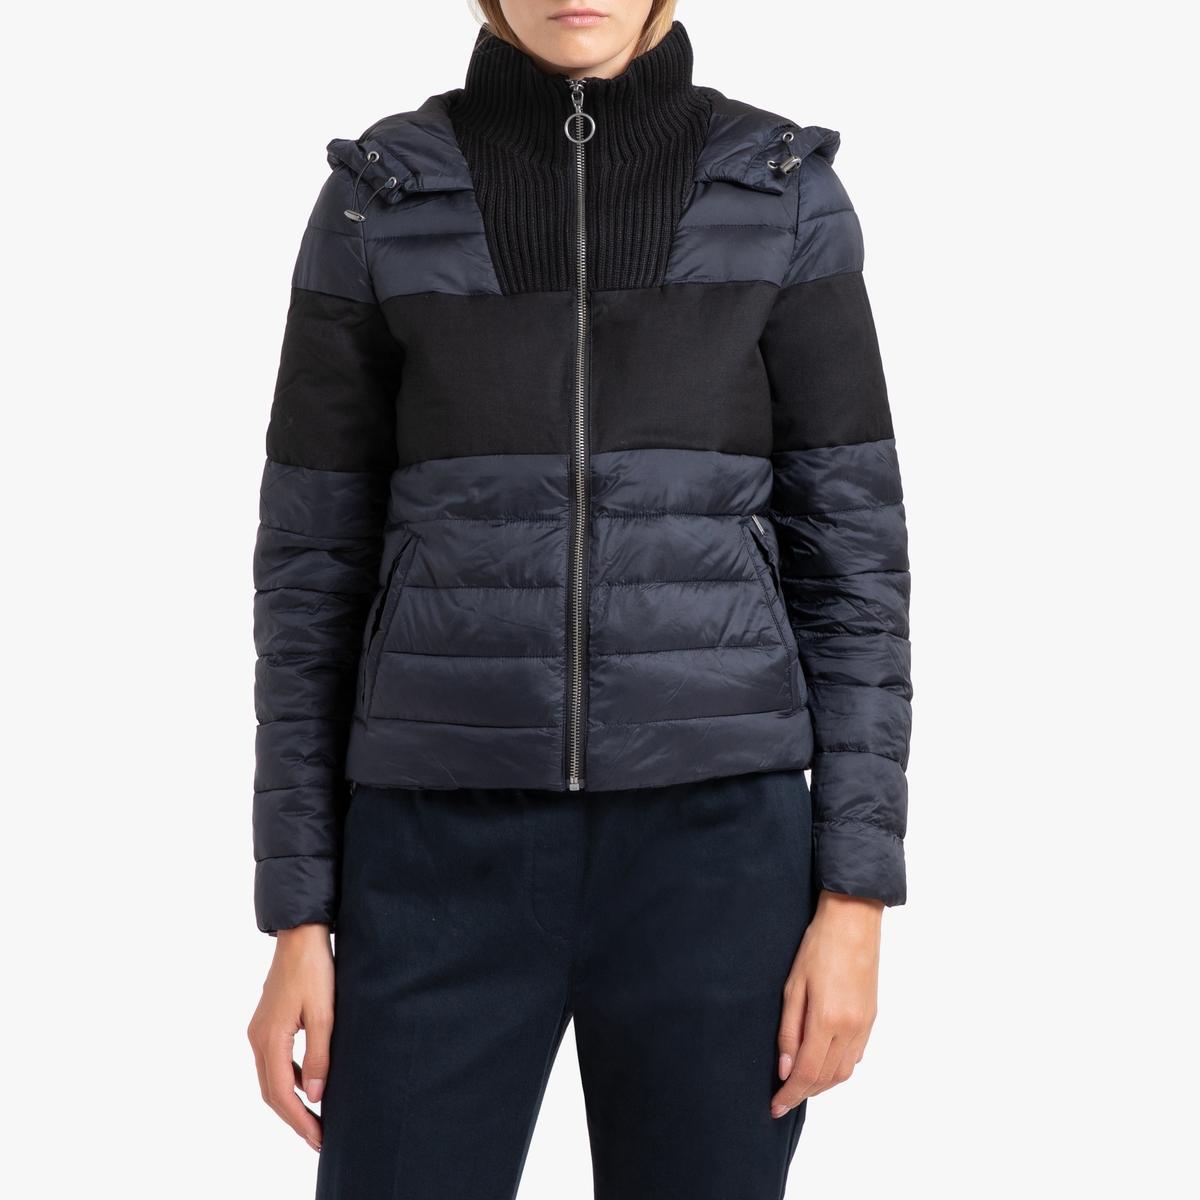 цена Куртка La Redoute Стеганая короткая с застежкой на молнию и капюшоном XS синий в интернет-магазинах